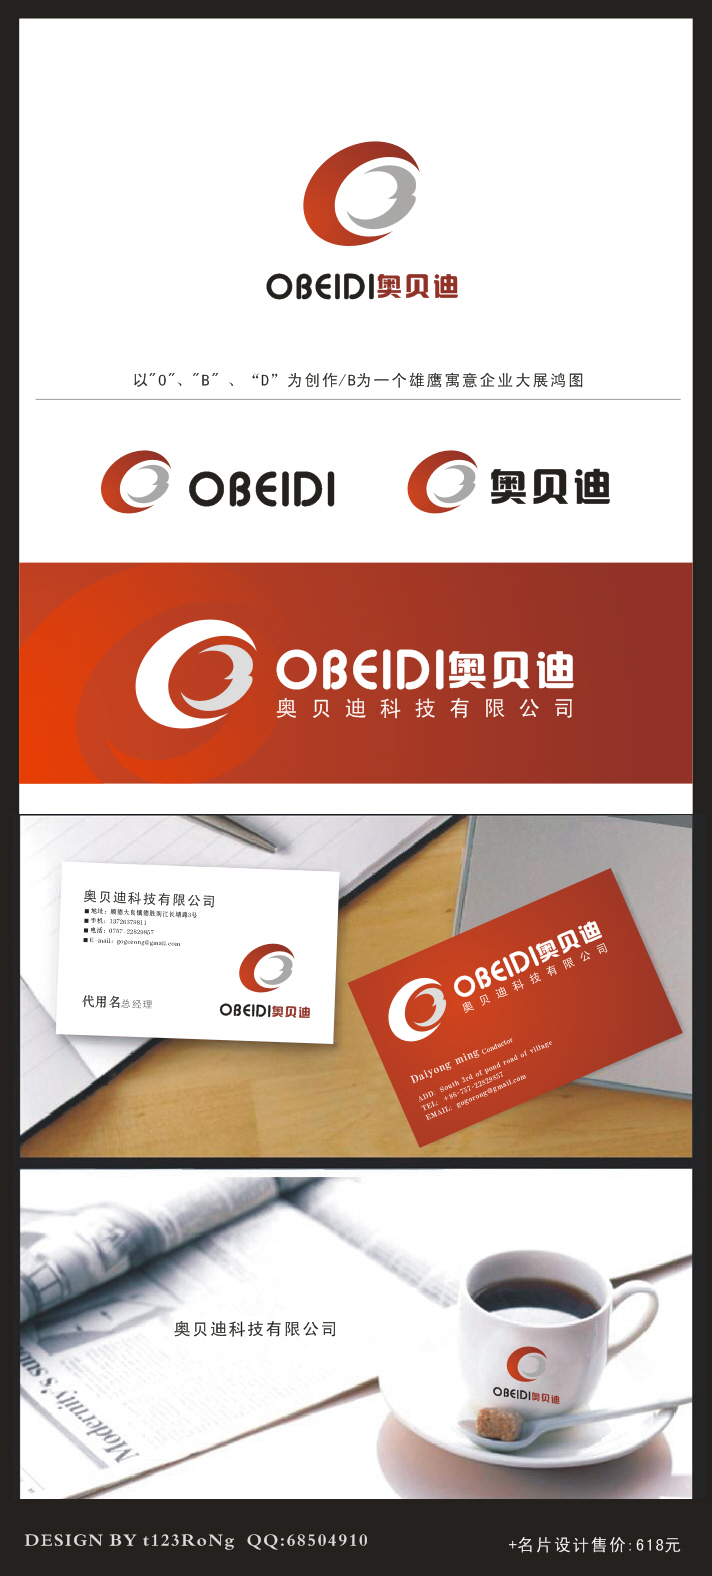 中文字体设计还蛮可以的.